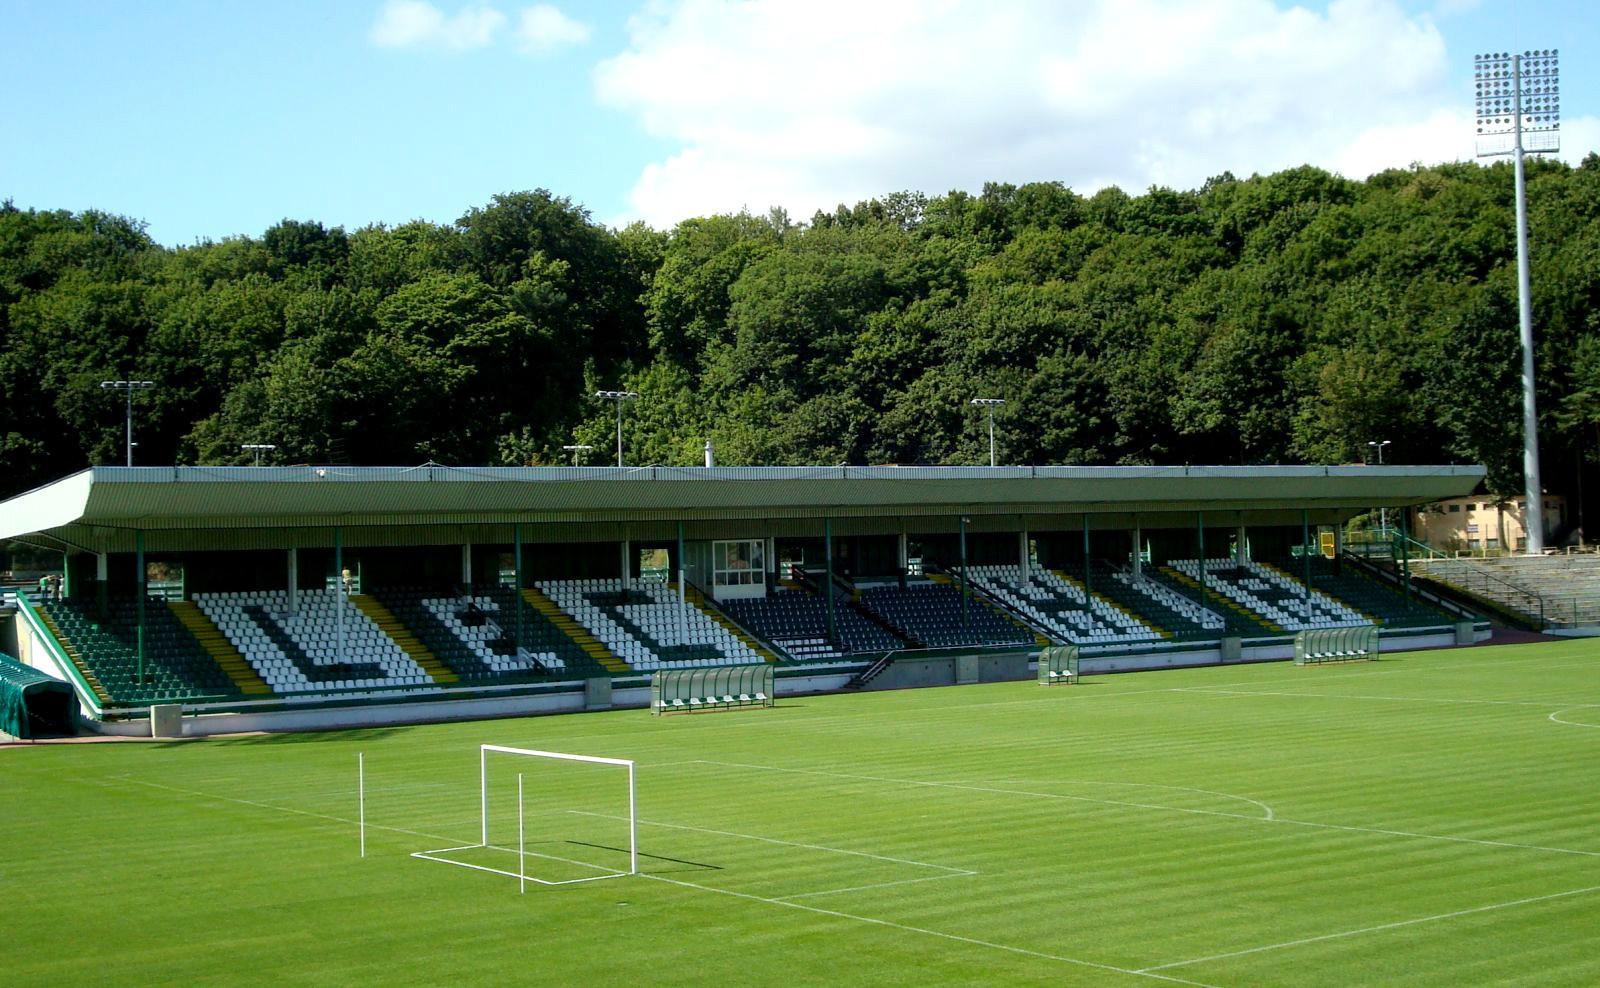 Stadion Lechii Gdańsk przy Traugutta